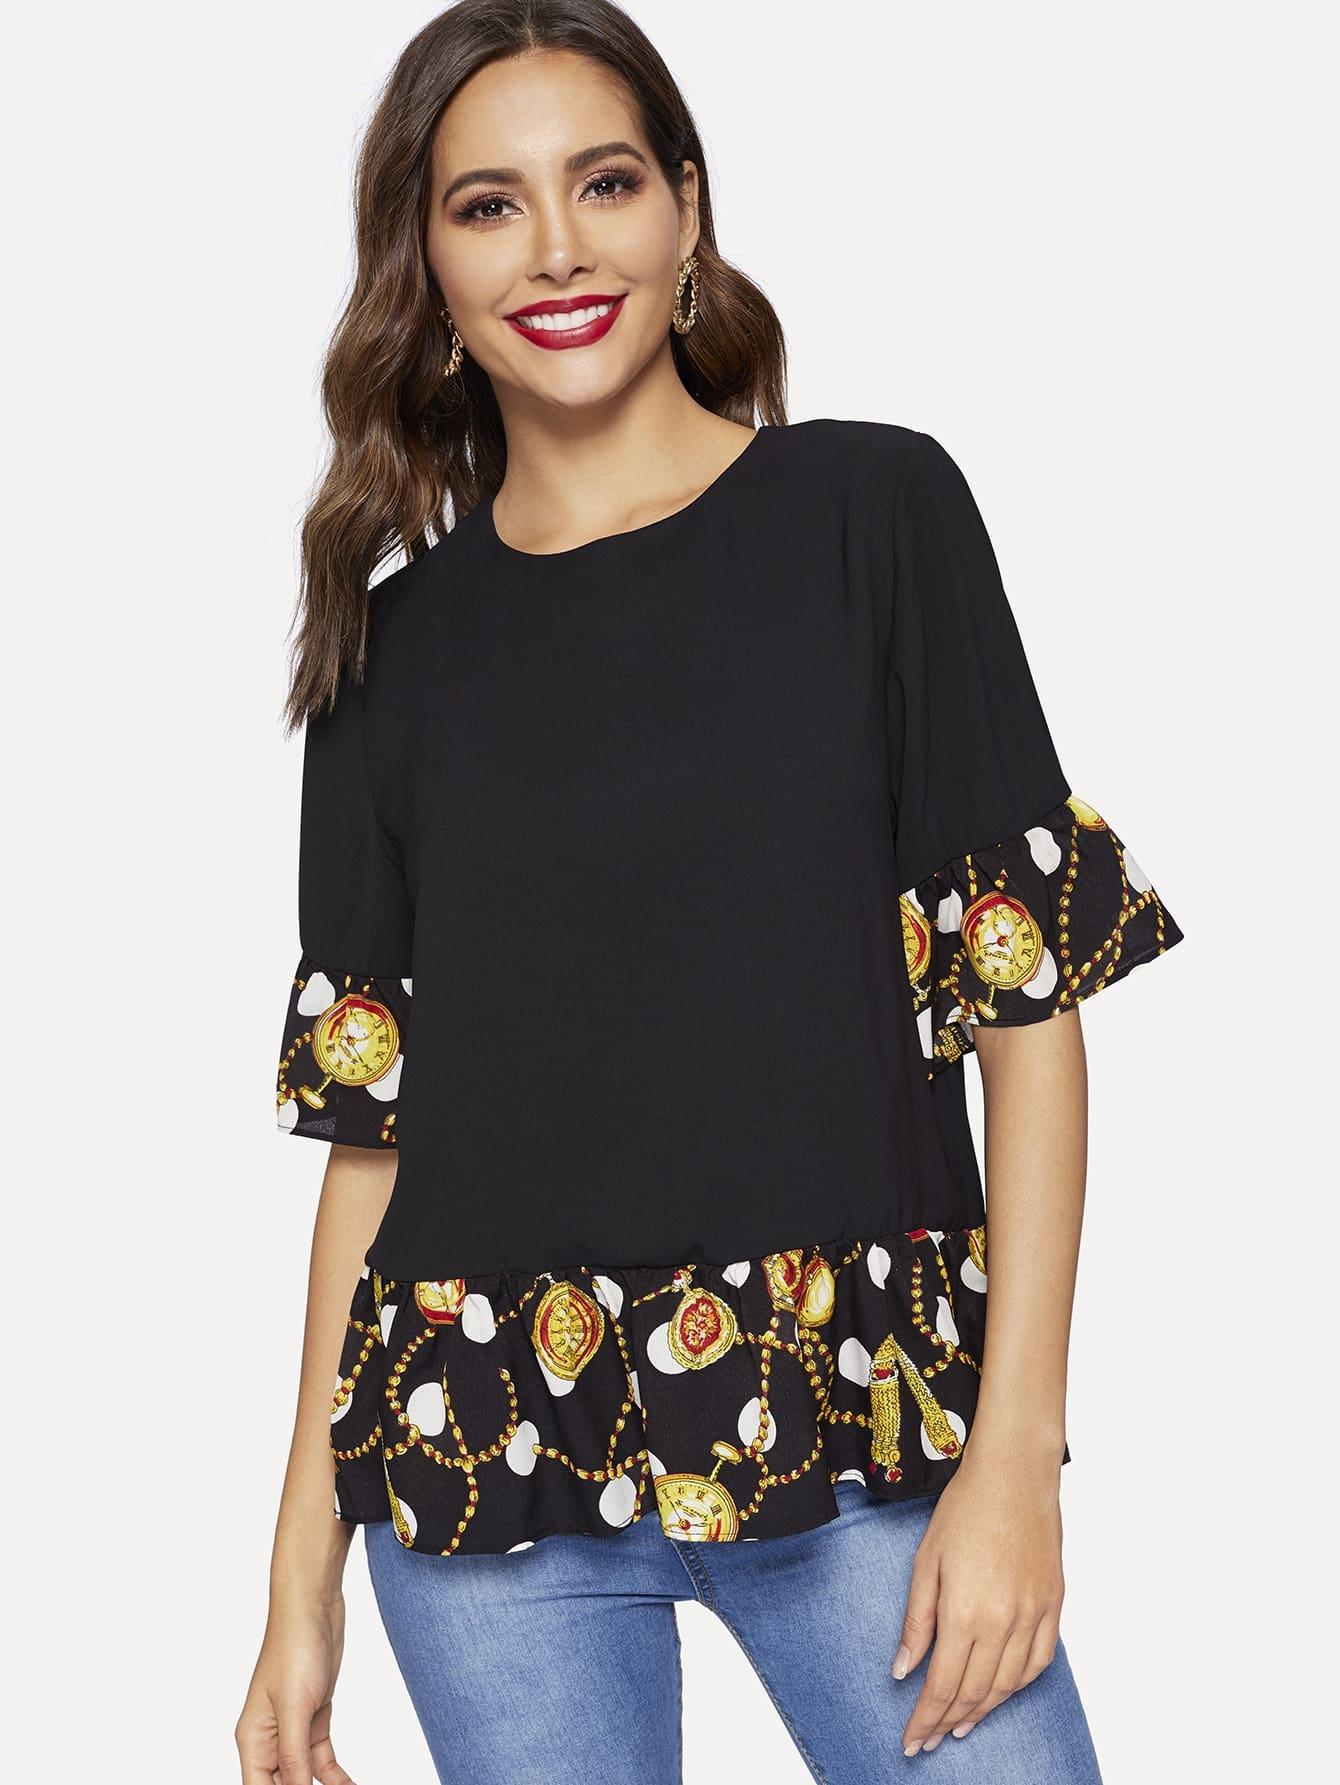 Купить Блуза с оборками на рукавах и контрастным графическим принтом, Giulia, SheIn